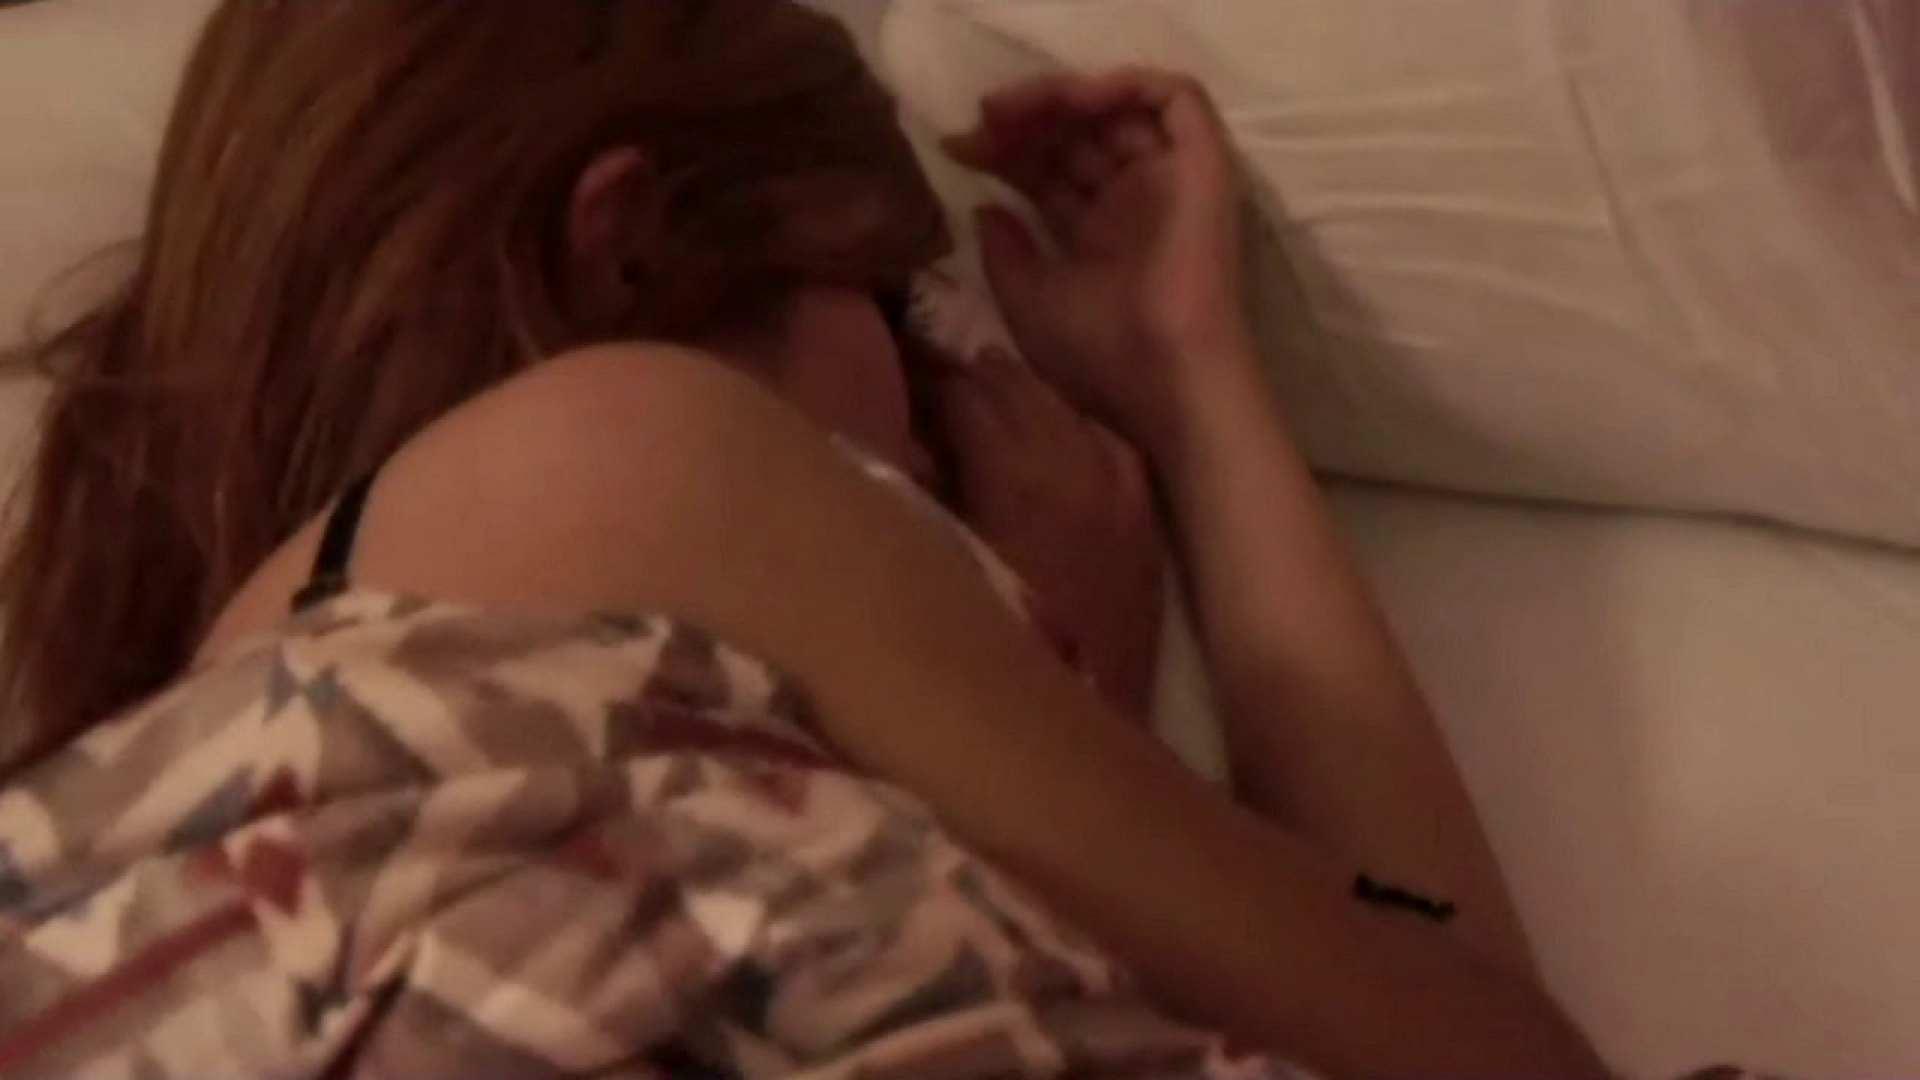 vol.2 【Yちゃん】当時女子大生 帰省した夏の夜 友人・知人 オメコ動画キャプチャ 110画像 27